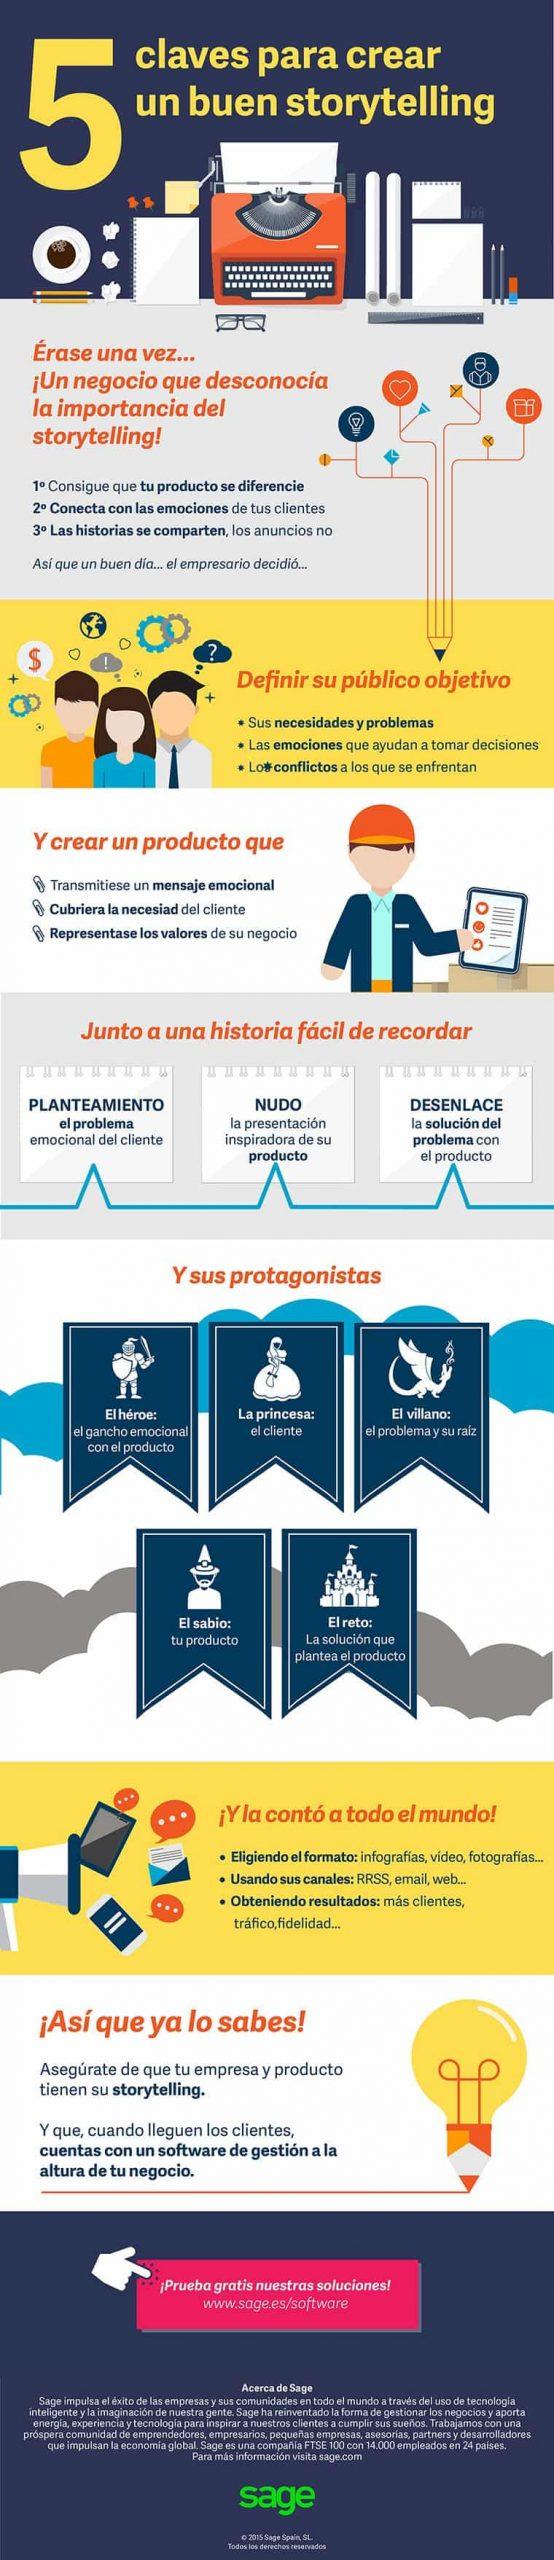 infografia storytelling